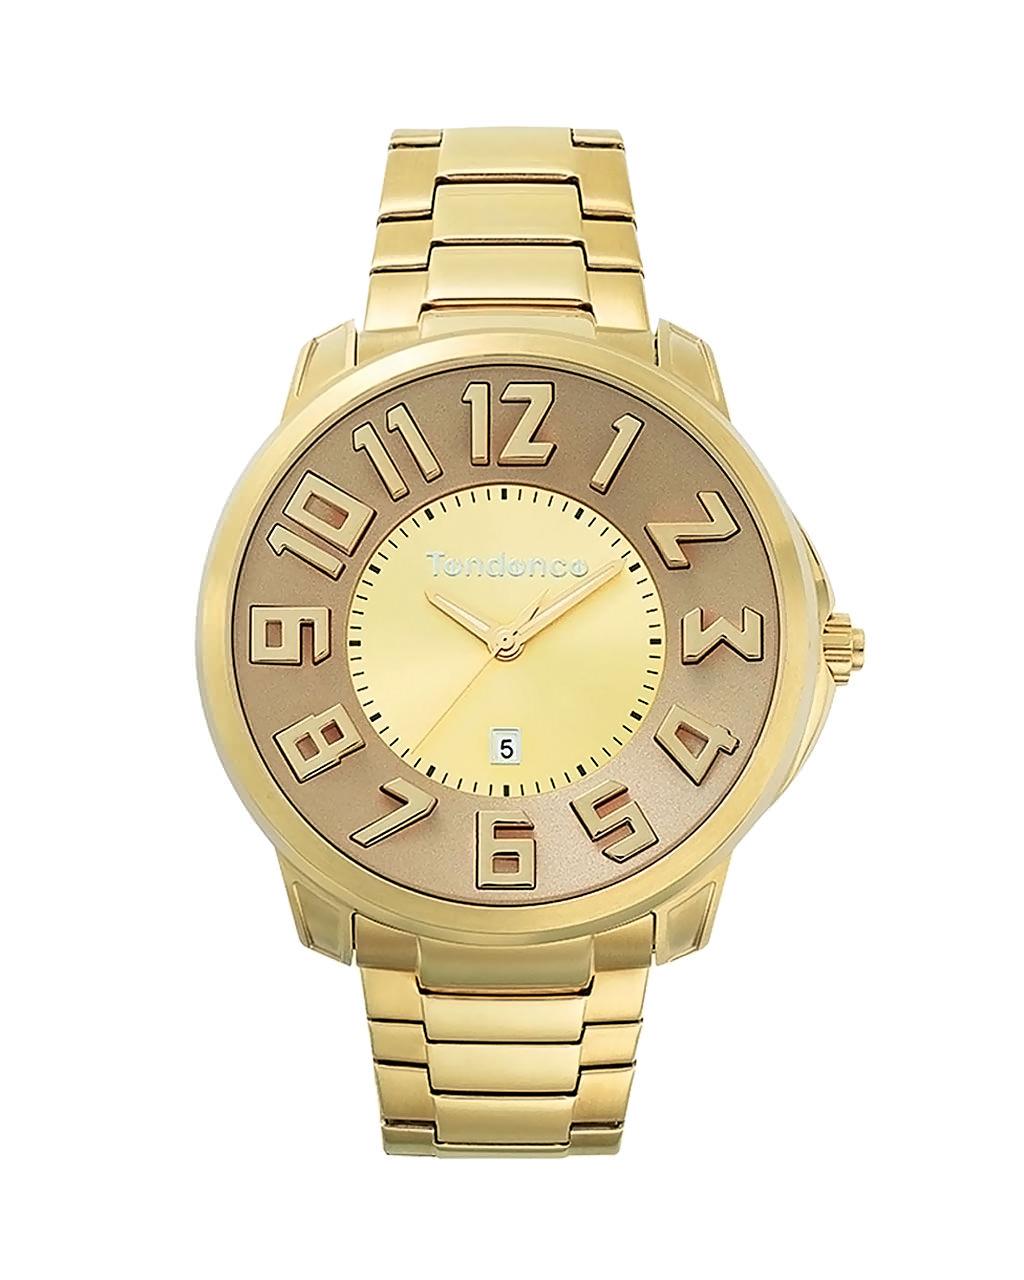 Ρολόι TENDENCE TG840001   brands tendence